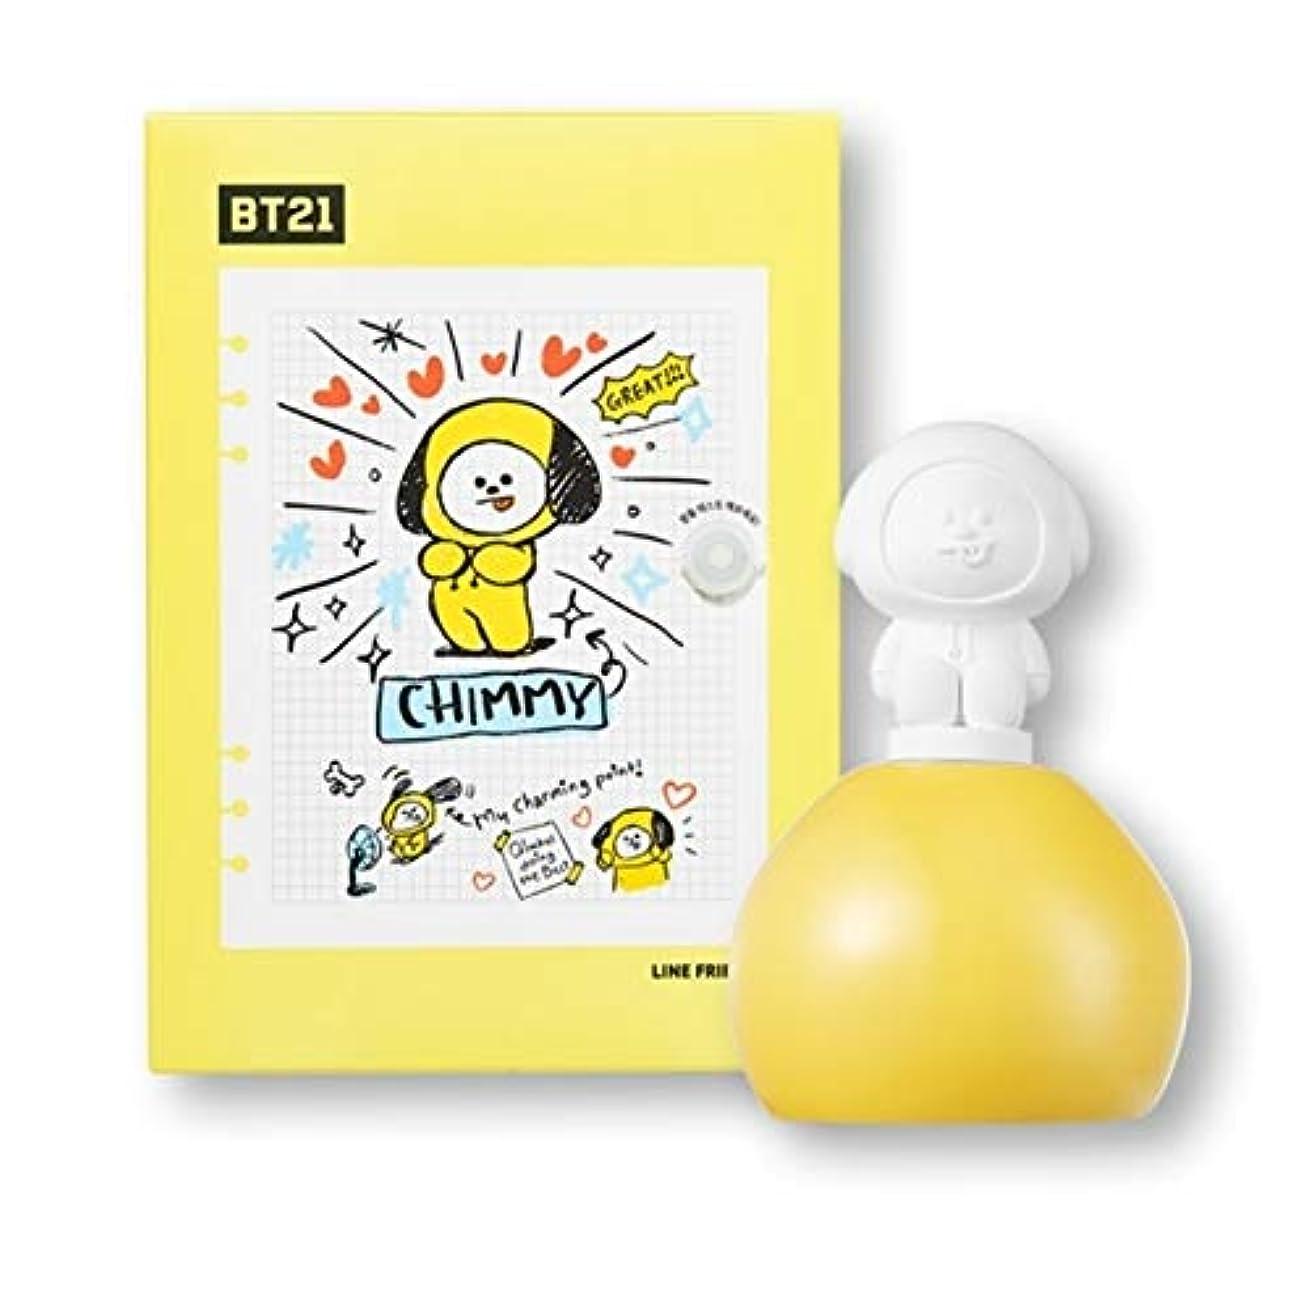 保証葉巻痴漢BT21 CHIMMY アロマディフューザー 柚子レモンの香り 芳香剤 防弾少年団 BTS チミー オリーブヤング